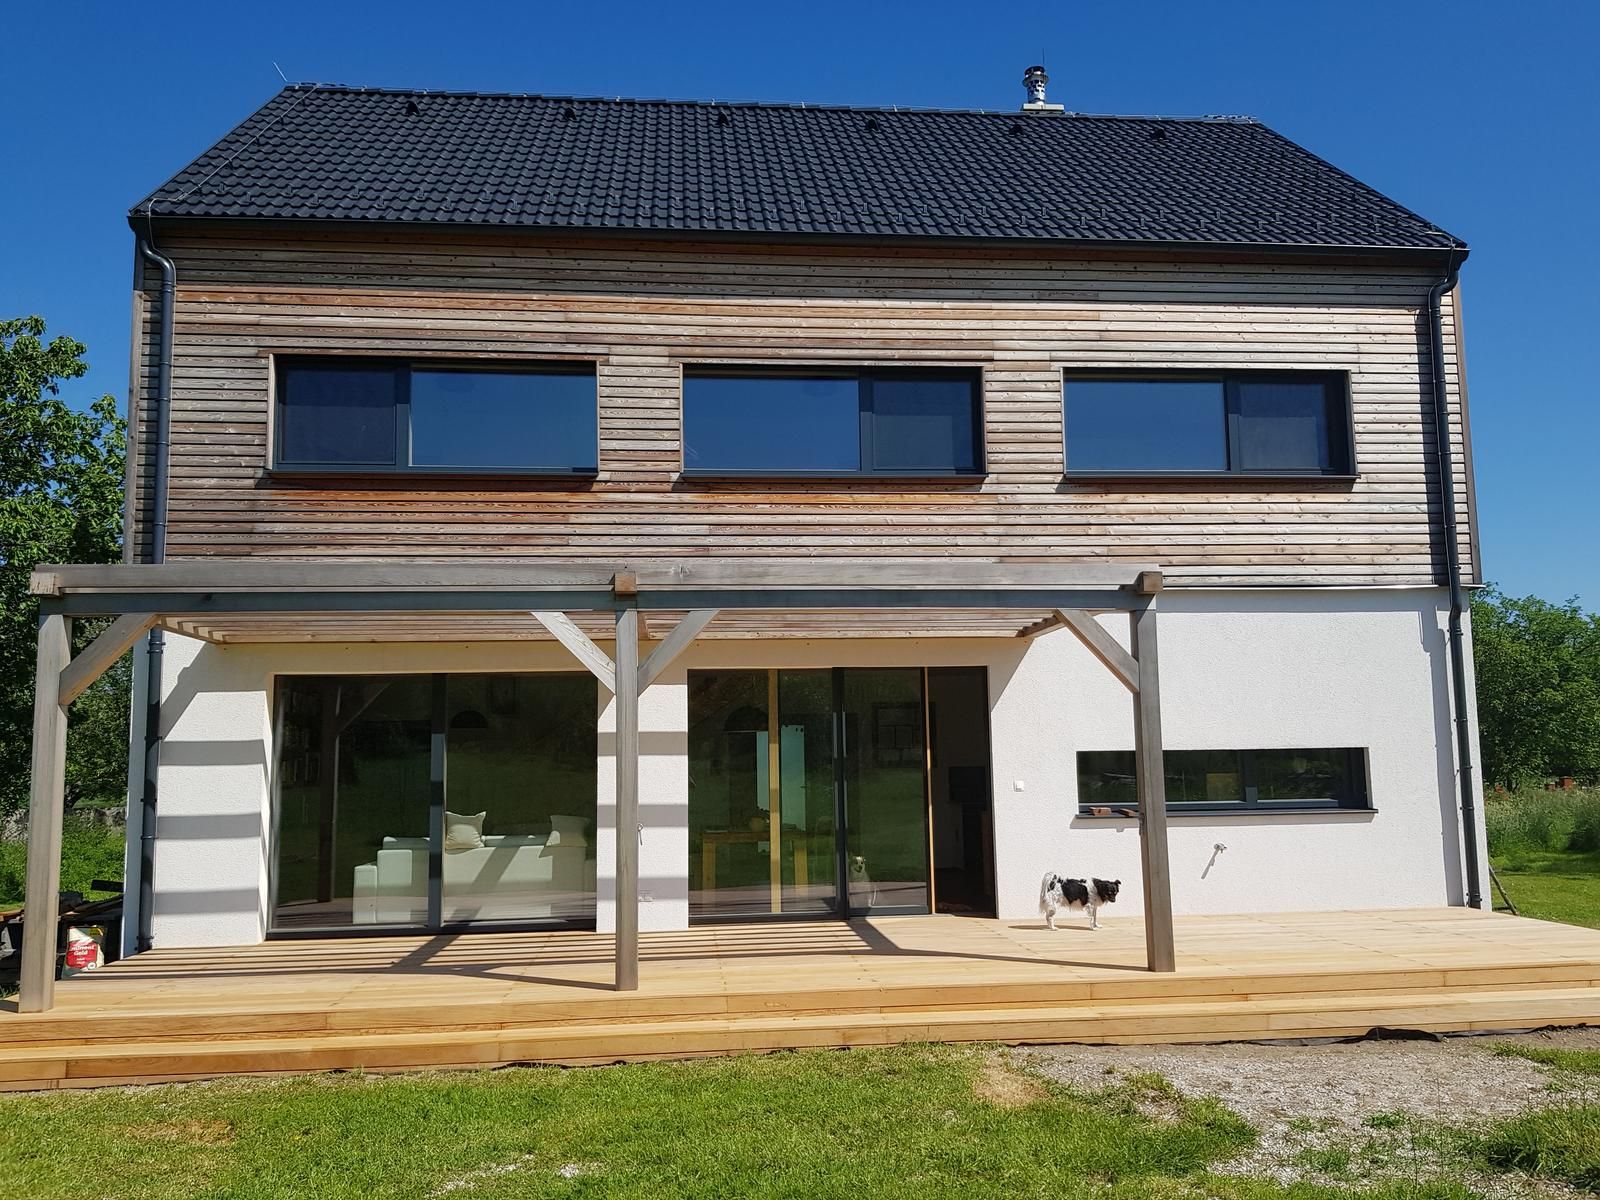 """Sedliacky dom, alias naša """"sýpka"""" - dnes este natieraju Osmom a final. (www.prirodneterasy.sk)"""